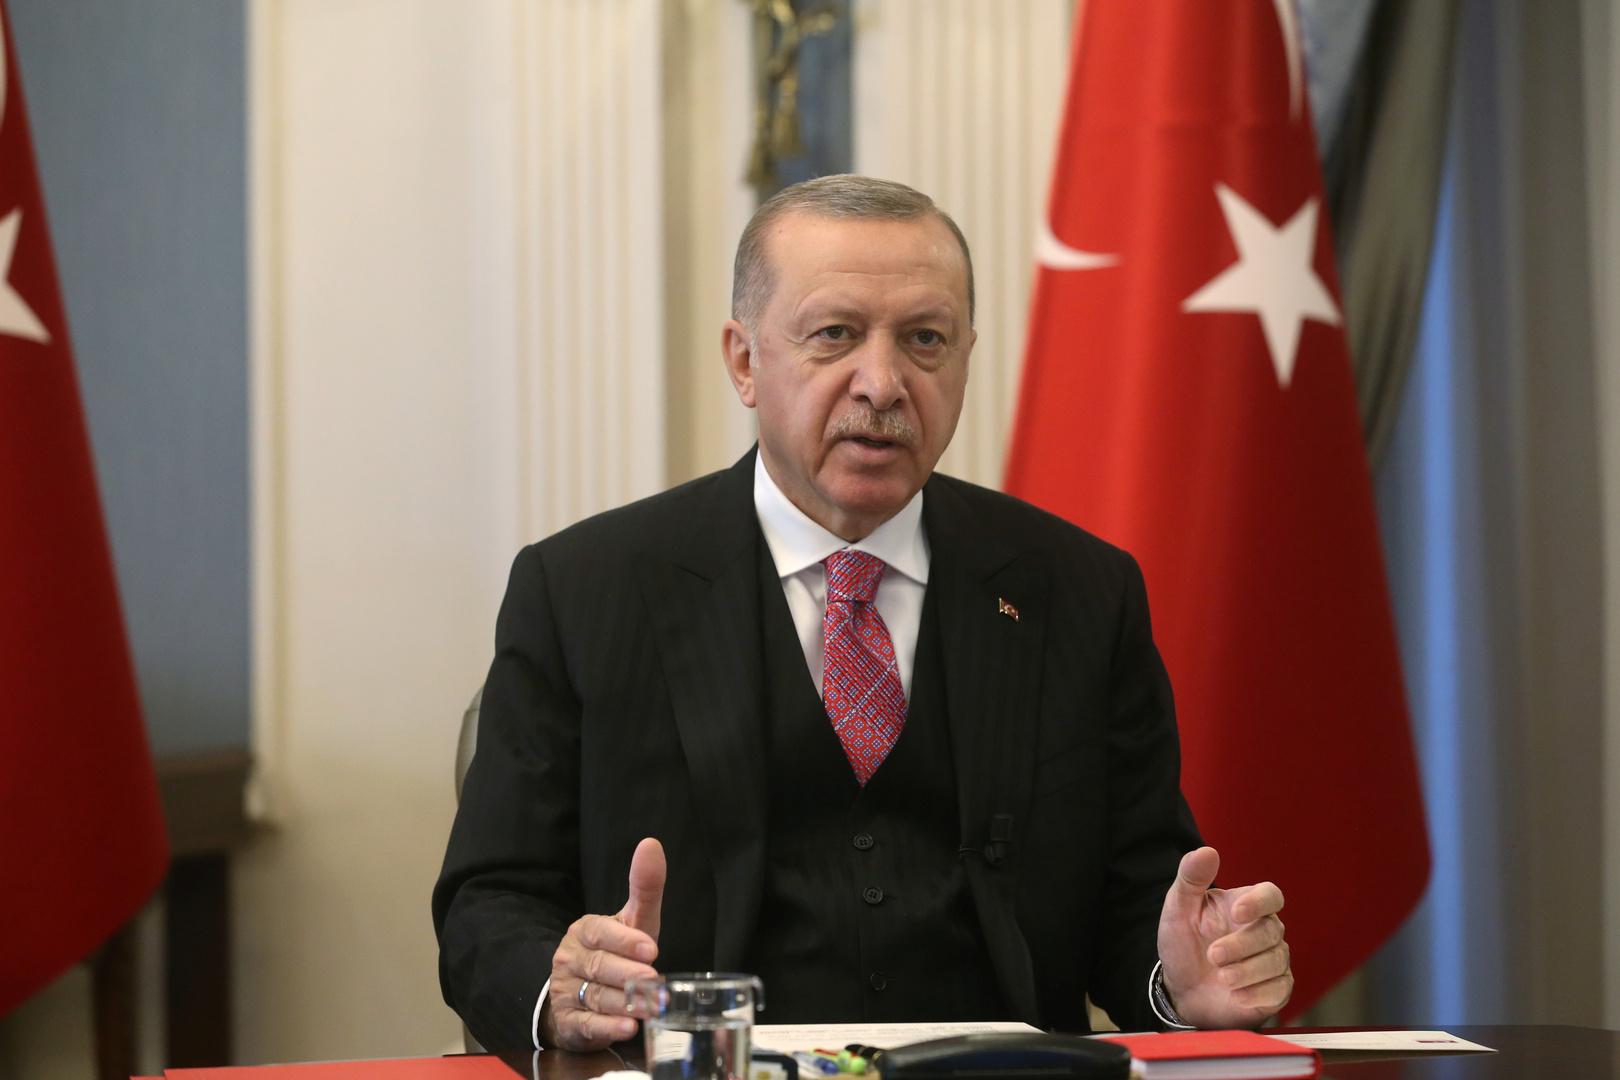 أردوغان: بفضل النظام الرئاسي بتنا قادرين على التجاوب الفعال والسريع مع الأزمات